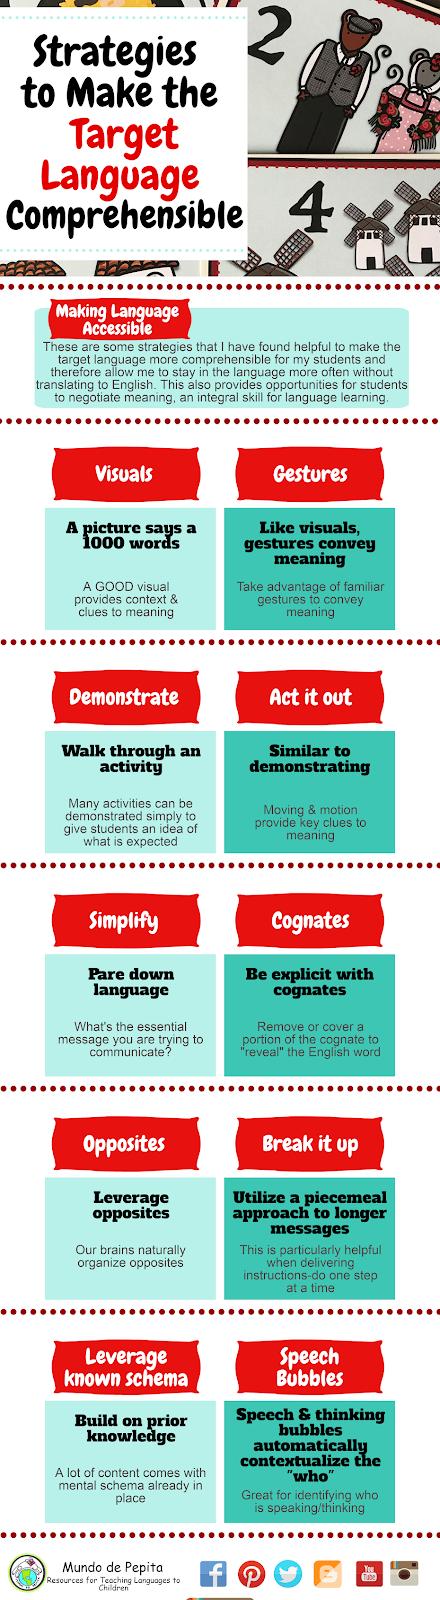 Strategies to make target language comprehensible